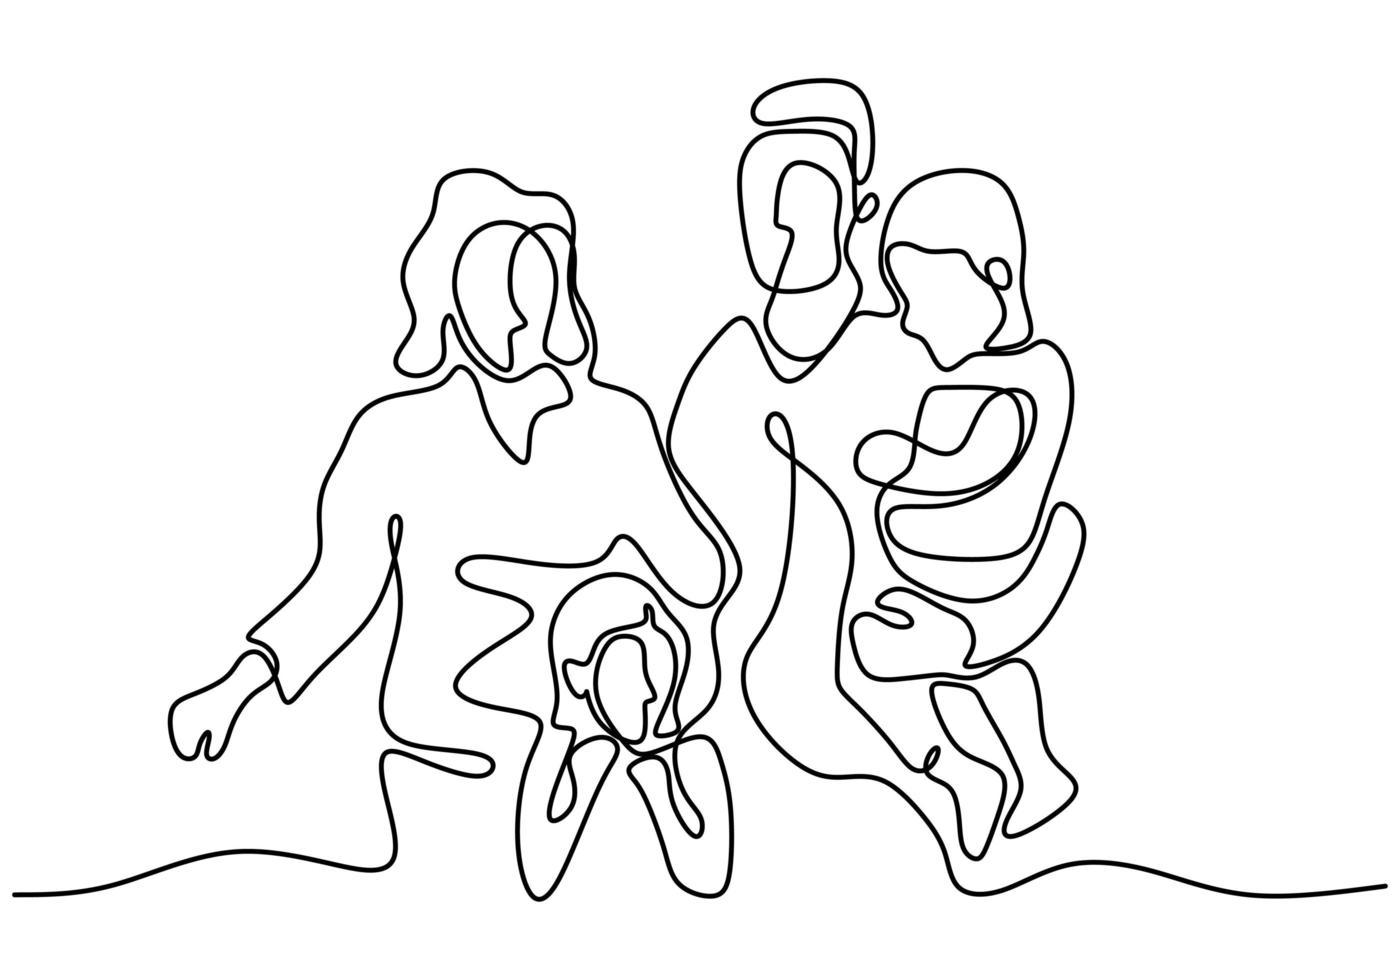 dessin au trait continu du père de famille heureuse, de la mère et de deux enfants jouant. marcher dans l'aire de jeux pour jouer avec les enfants. heureux ensemble. illustration vectorielle vecteur